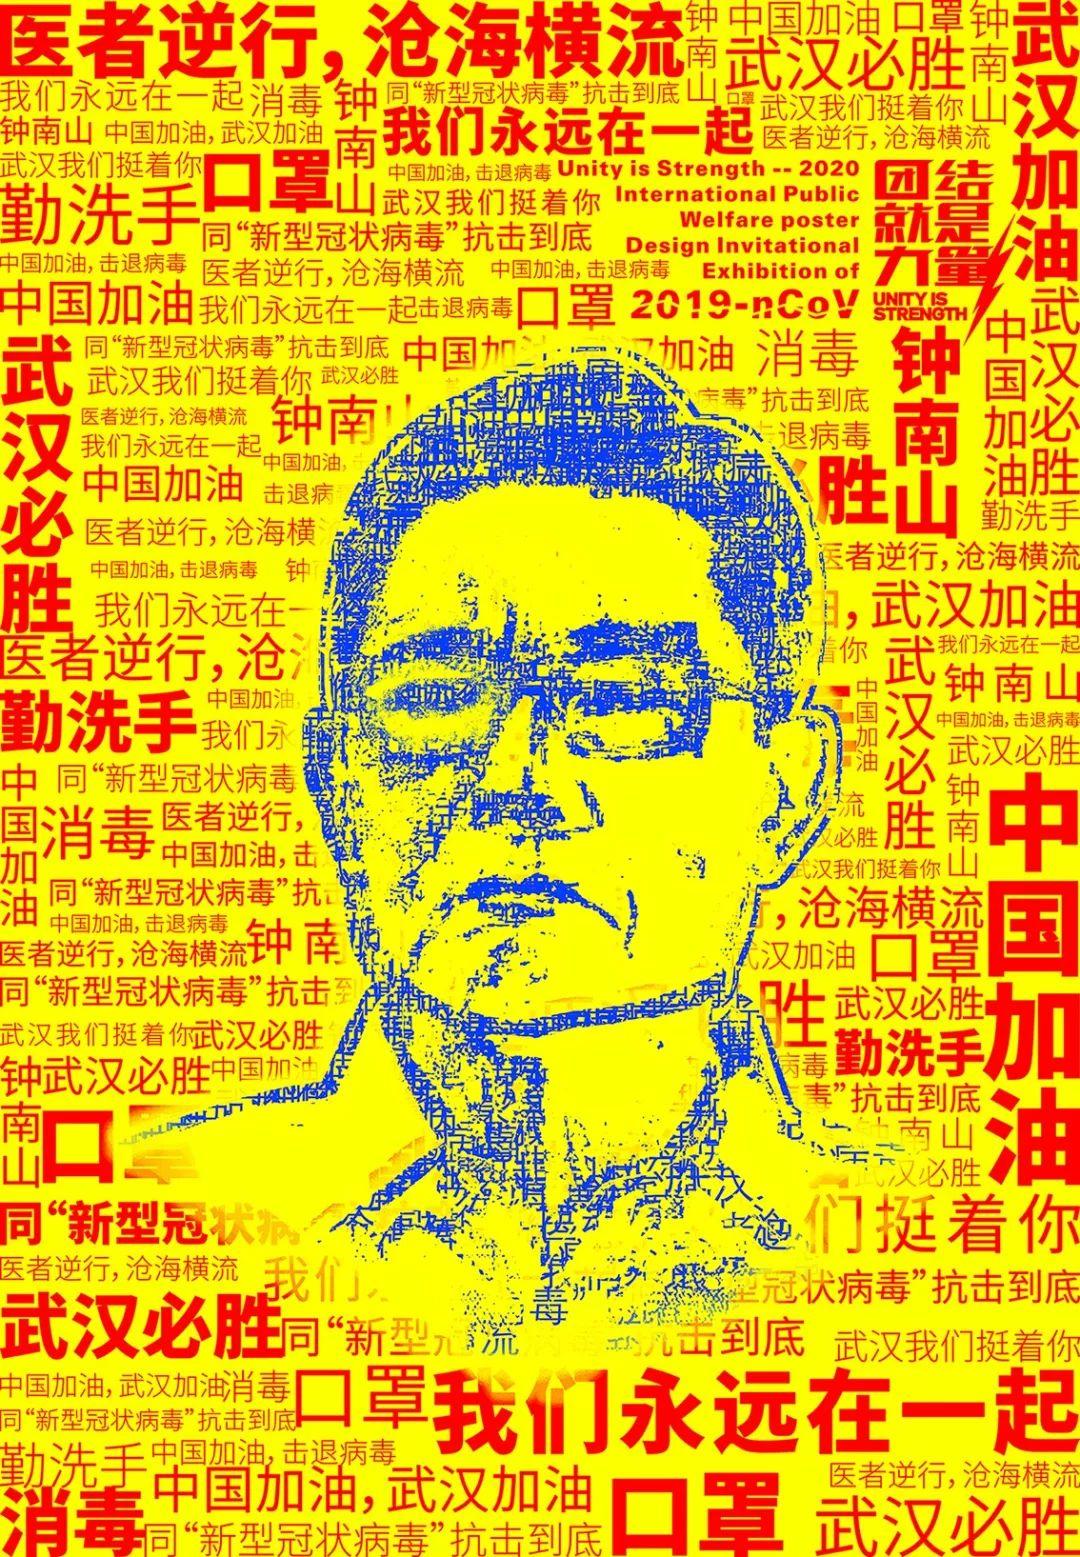 """团结就是力量——2020抗击""""新型冠状病毒""""国际公益海报设计邀请展纪实合集一插图(15)"""